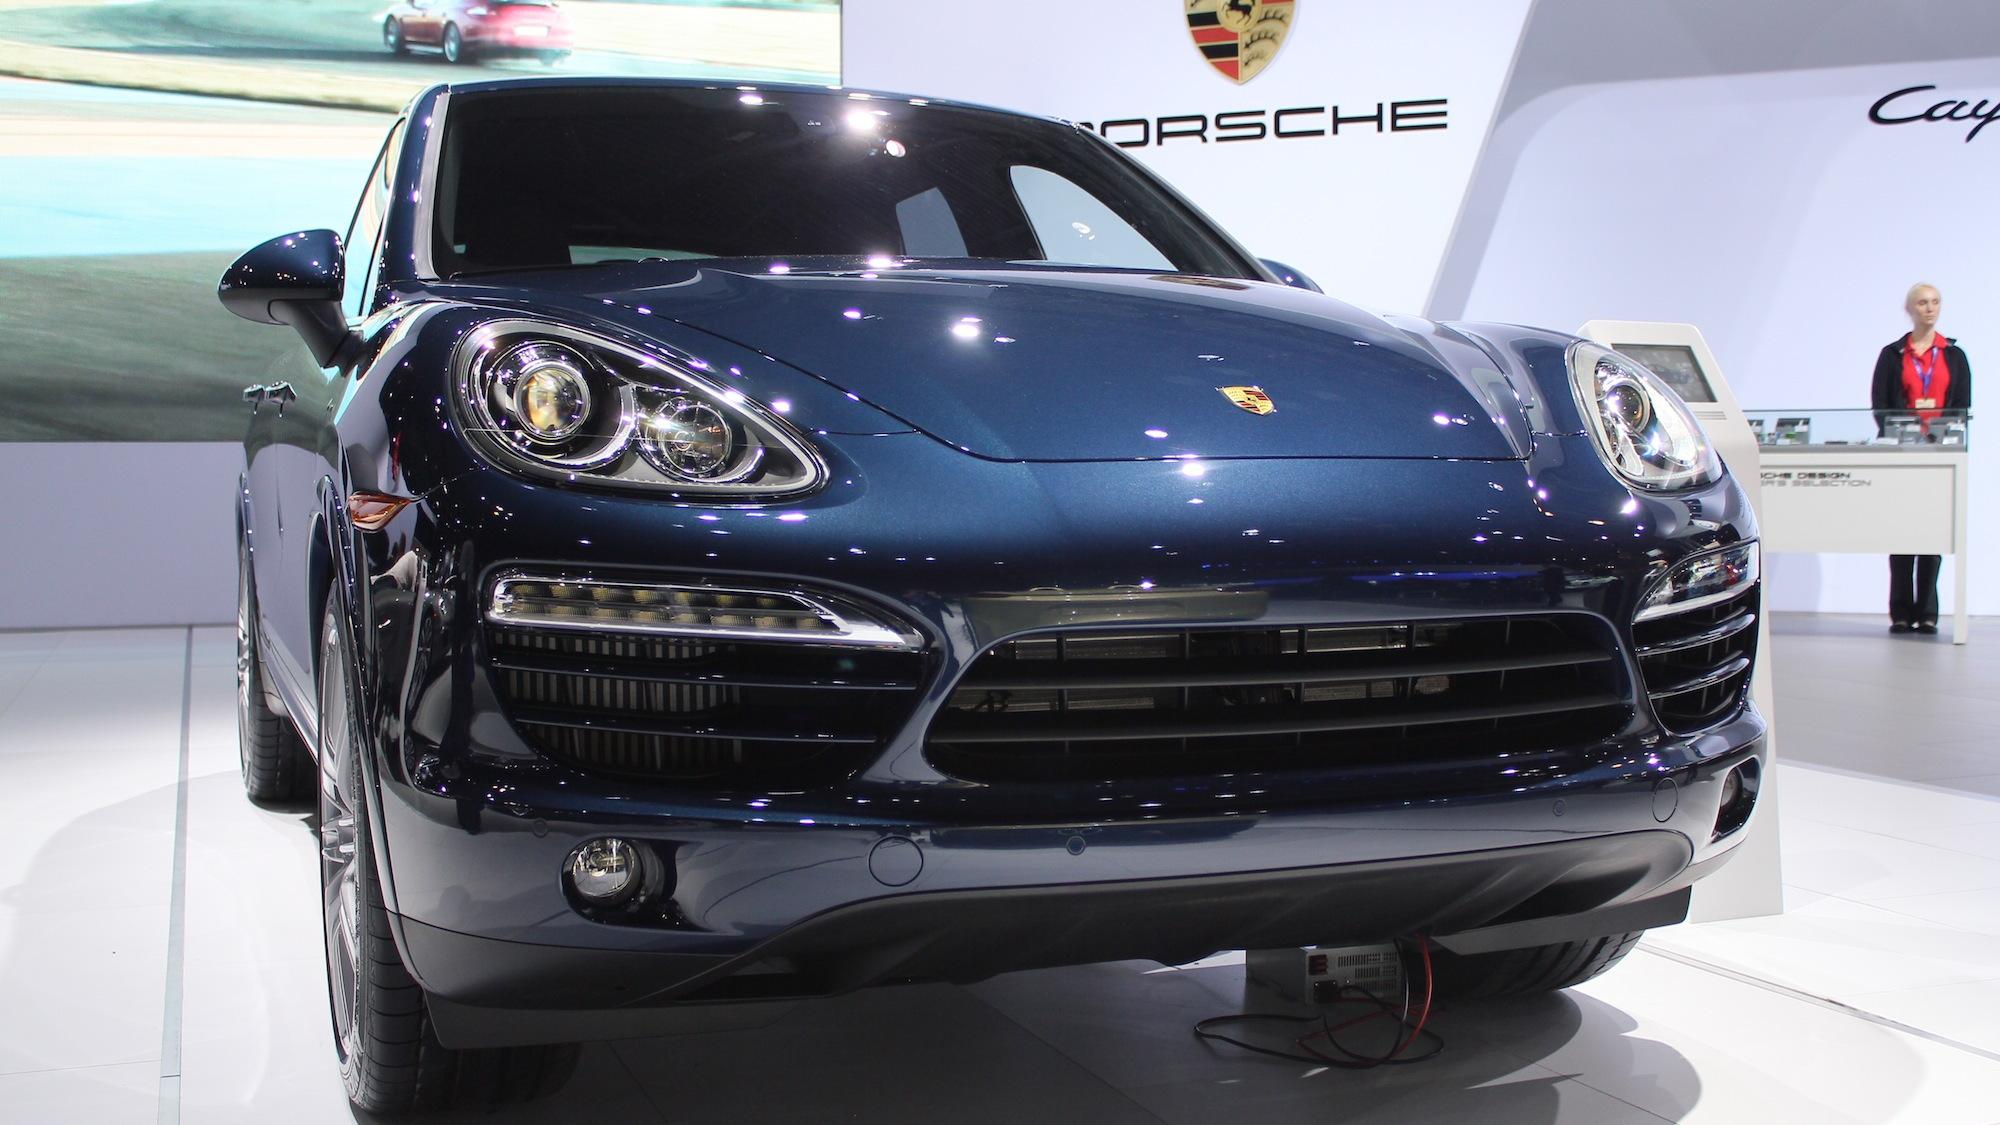 2013 Porsche Cayenne Diesel, 2012 New York Auto Show